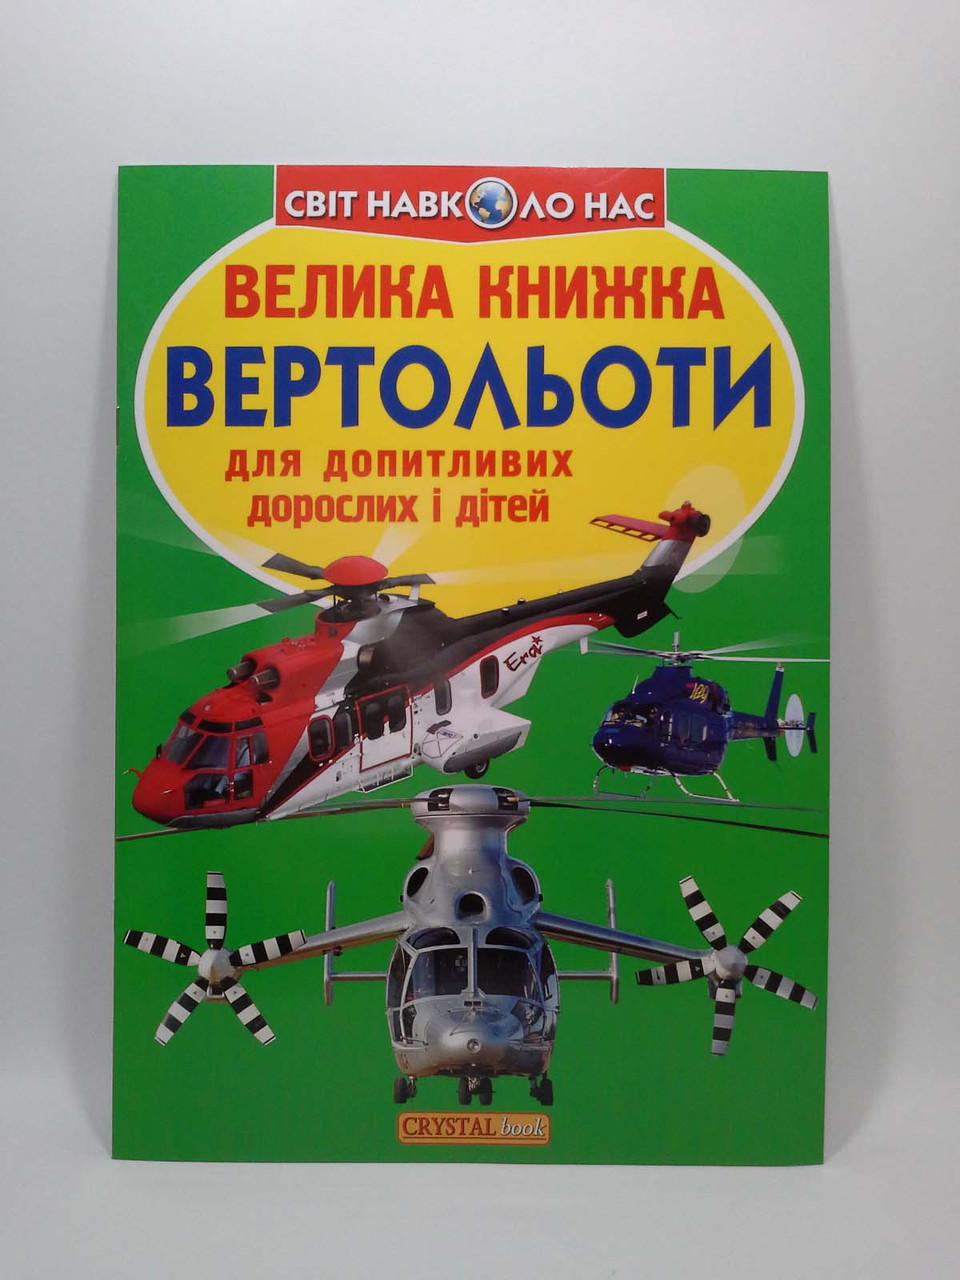 БАО Світ навколо нас Велика книжка Вертольоти Для допитливих дорослих і дітей